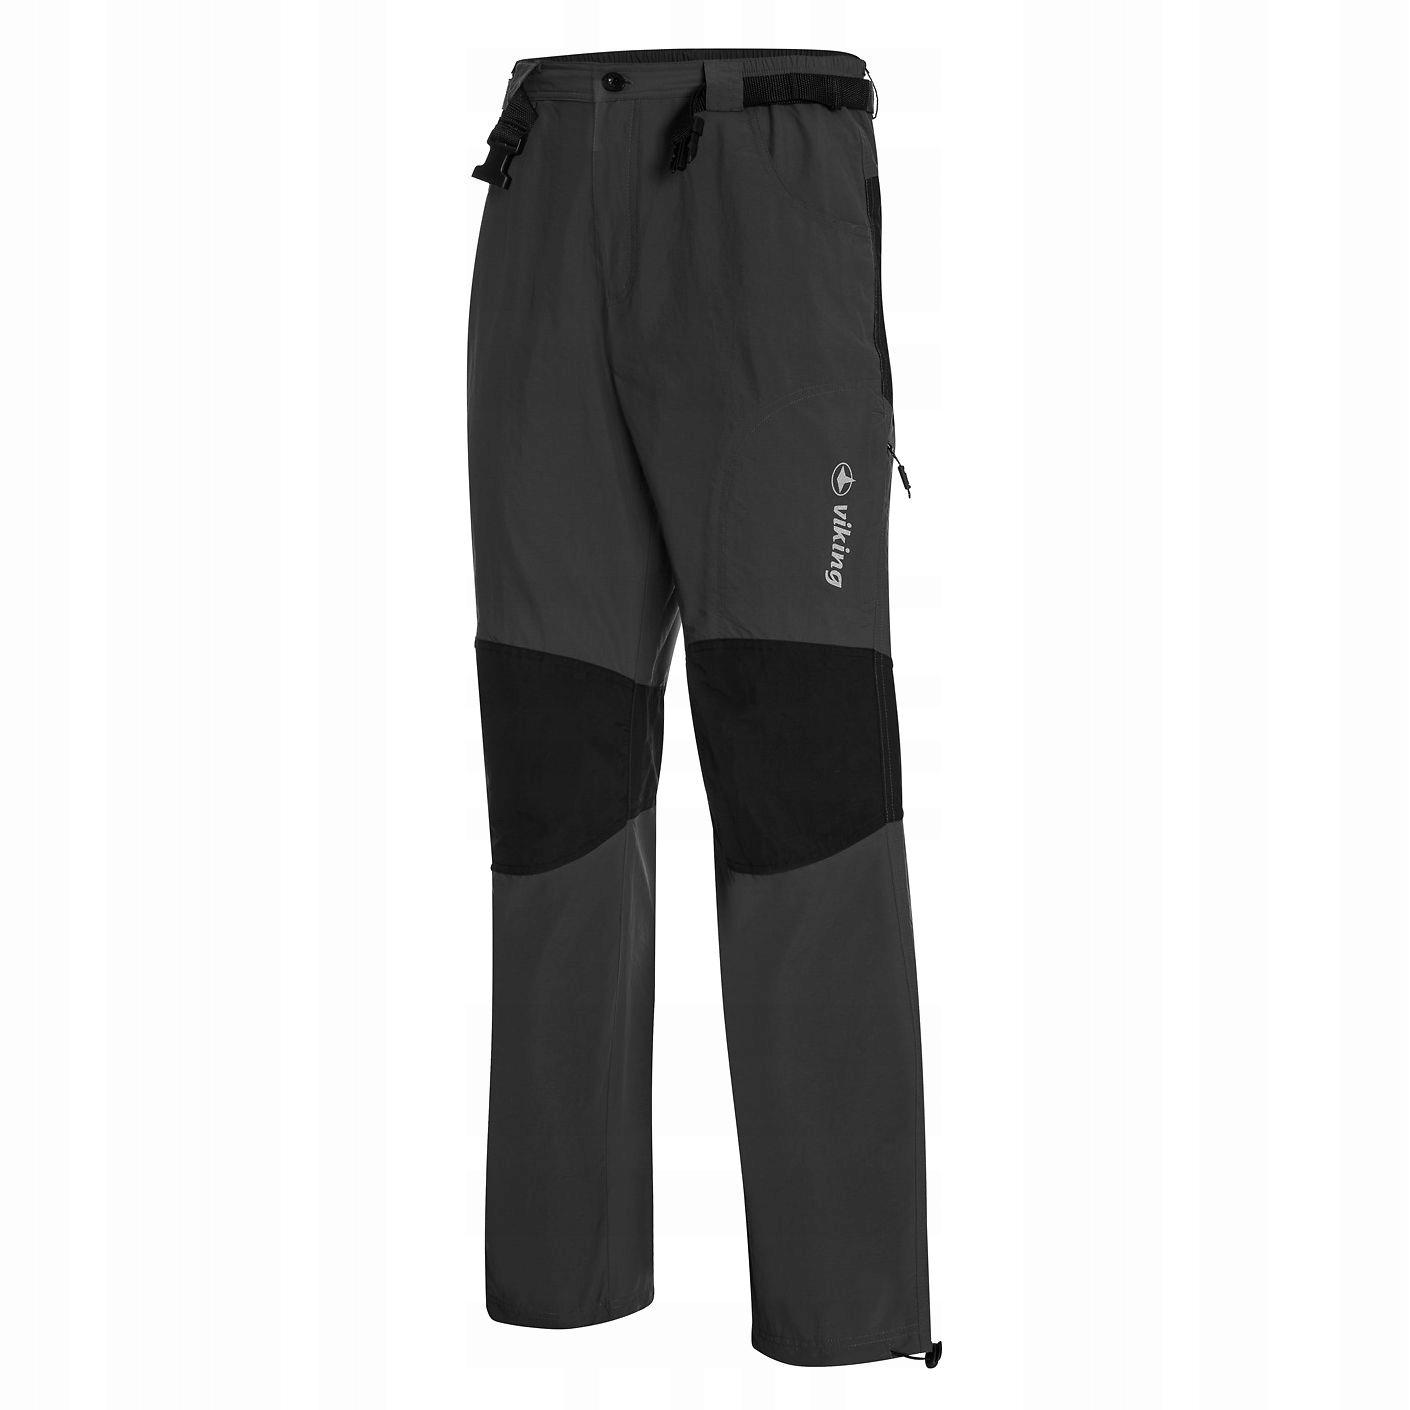 Spodnie męskie turystyczne Viking Globtroter L